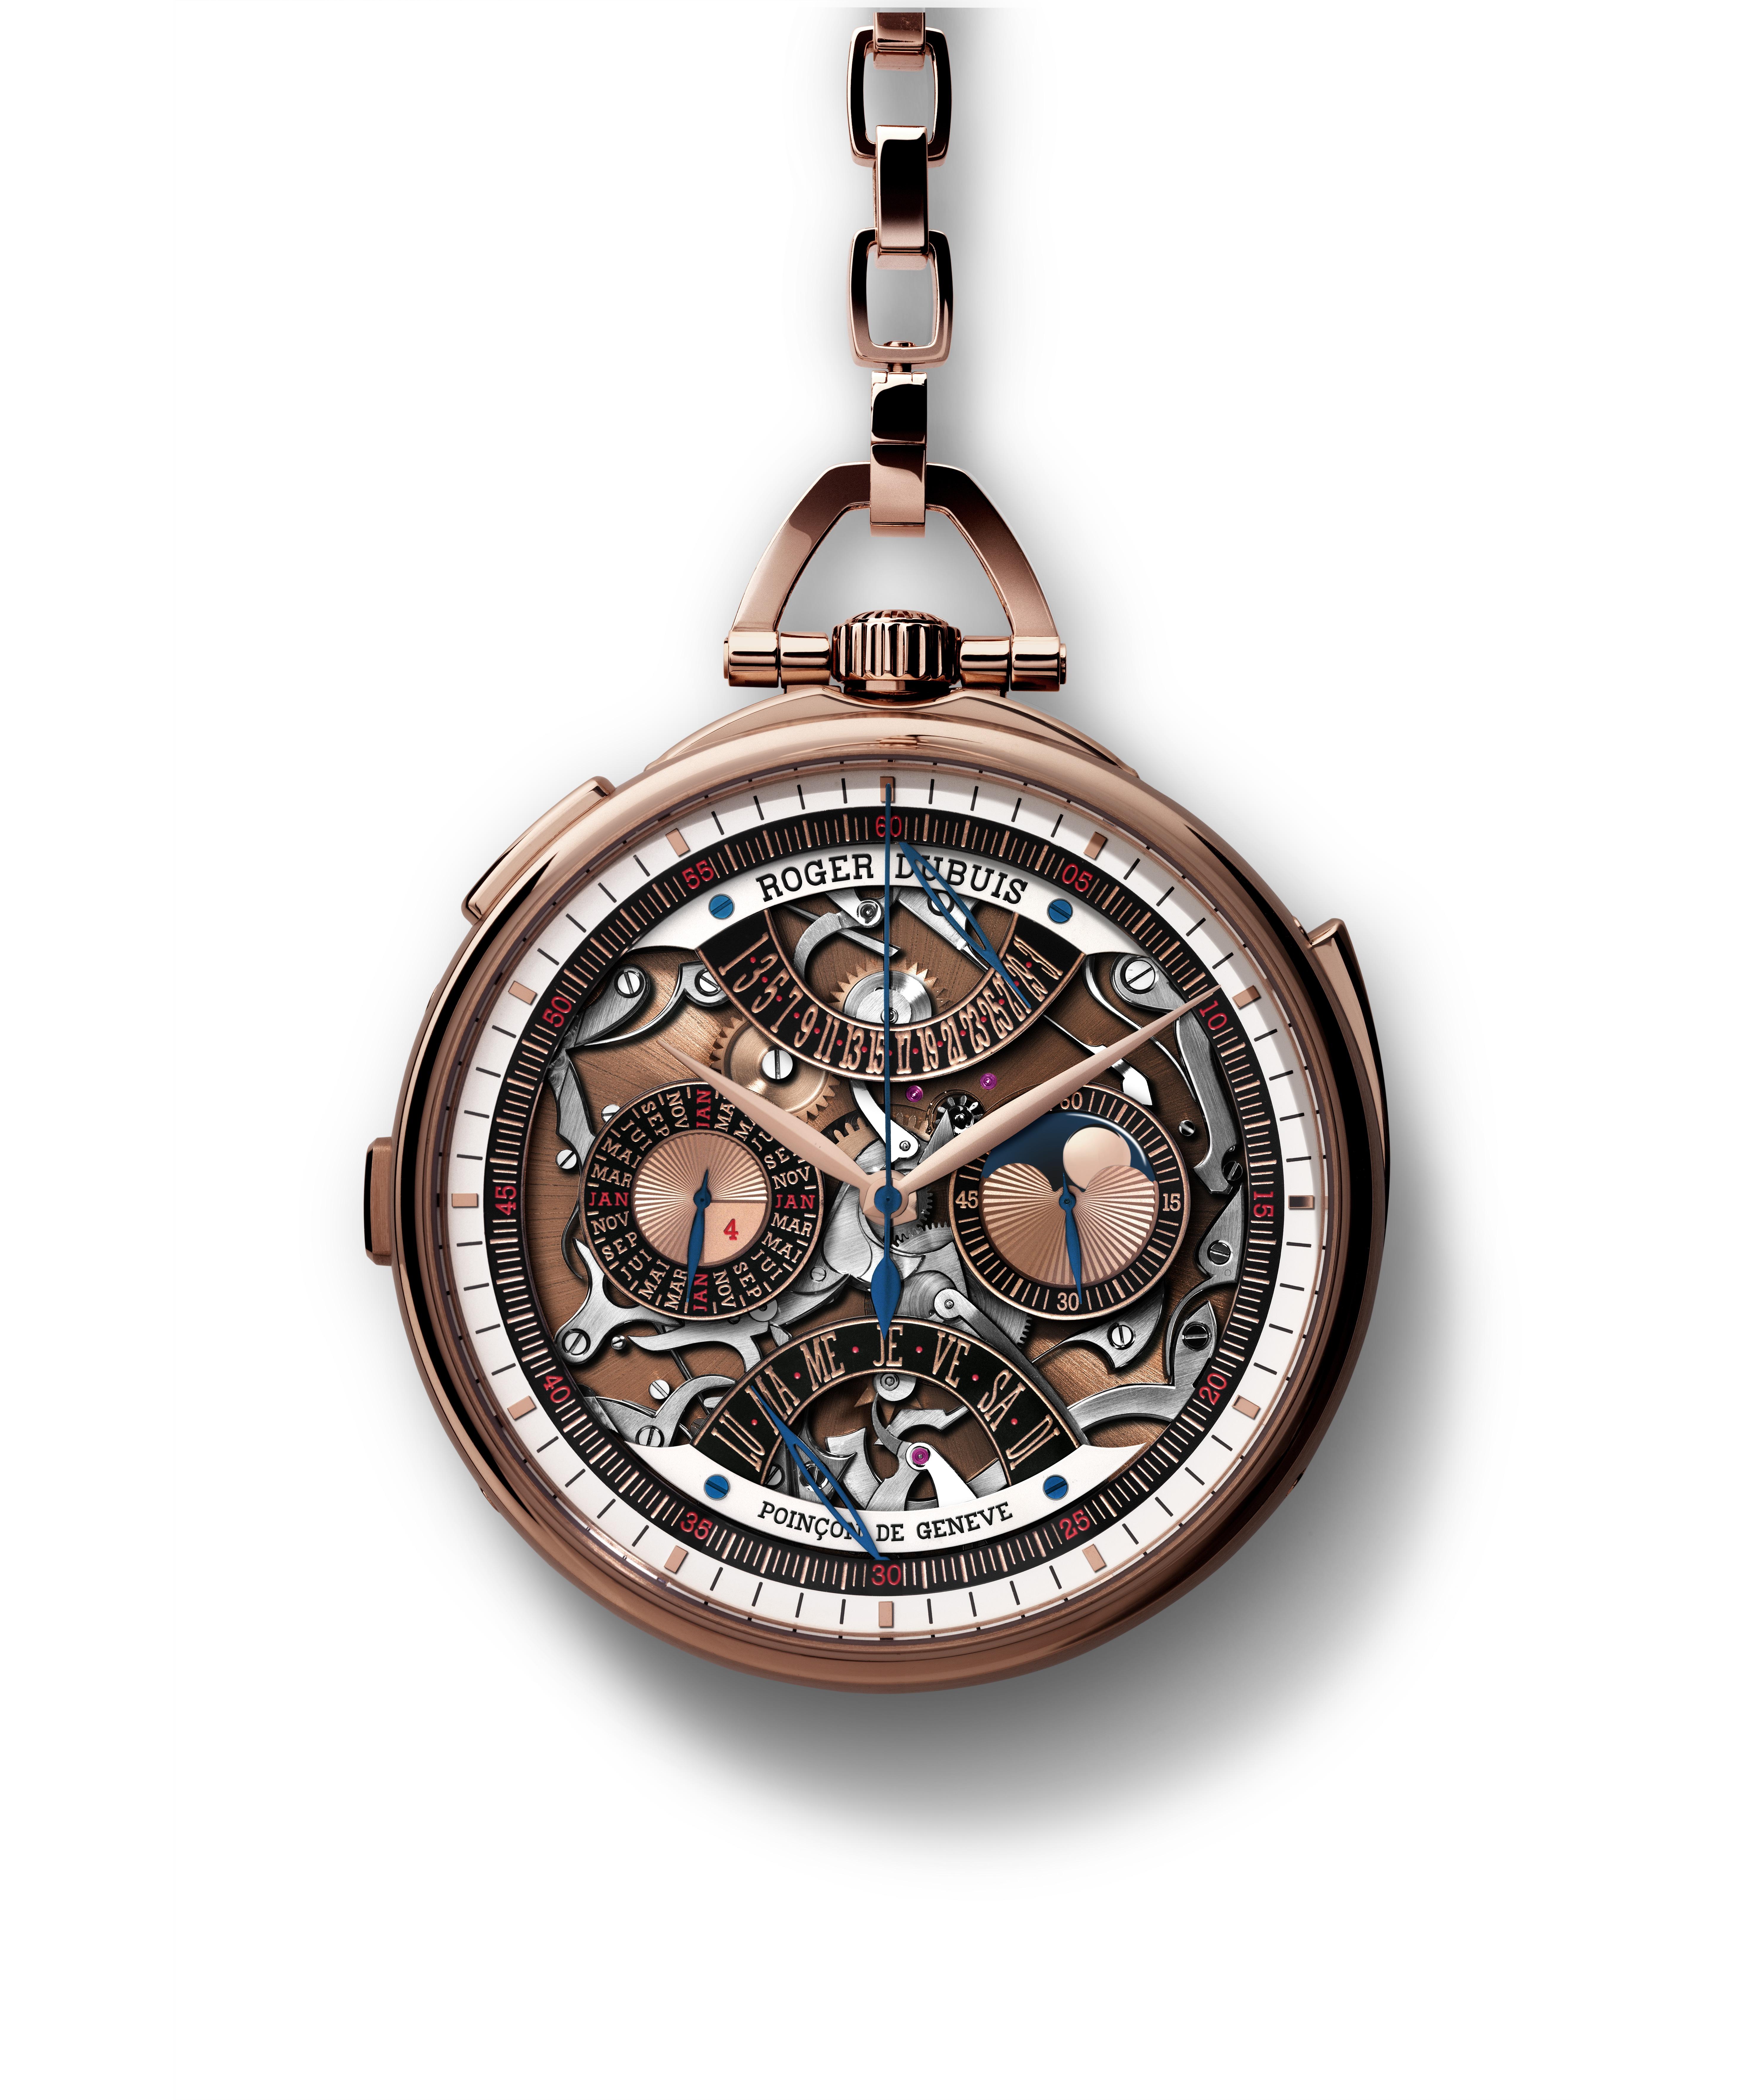 Nouveau Millésime de Roger Dubuis à l'occasion de l'ouverture de sa boutique à Genève qui restaure une merveille horlogère